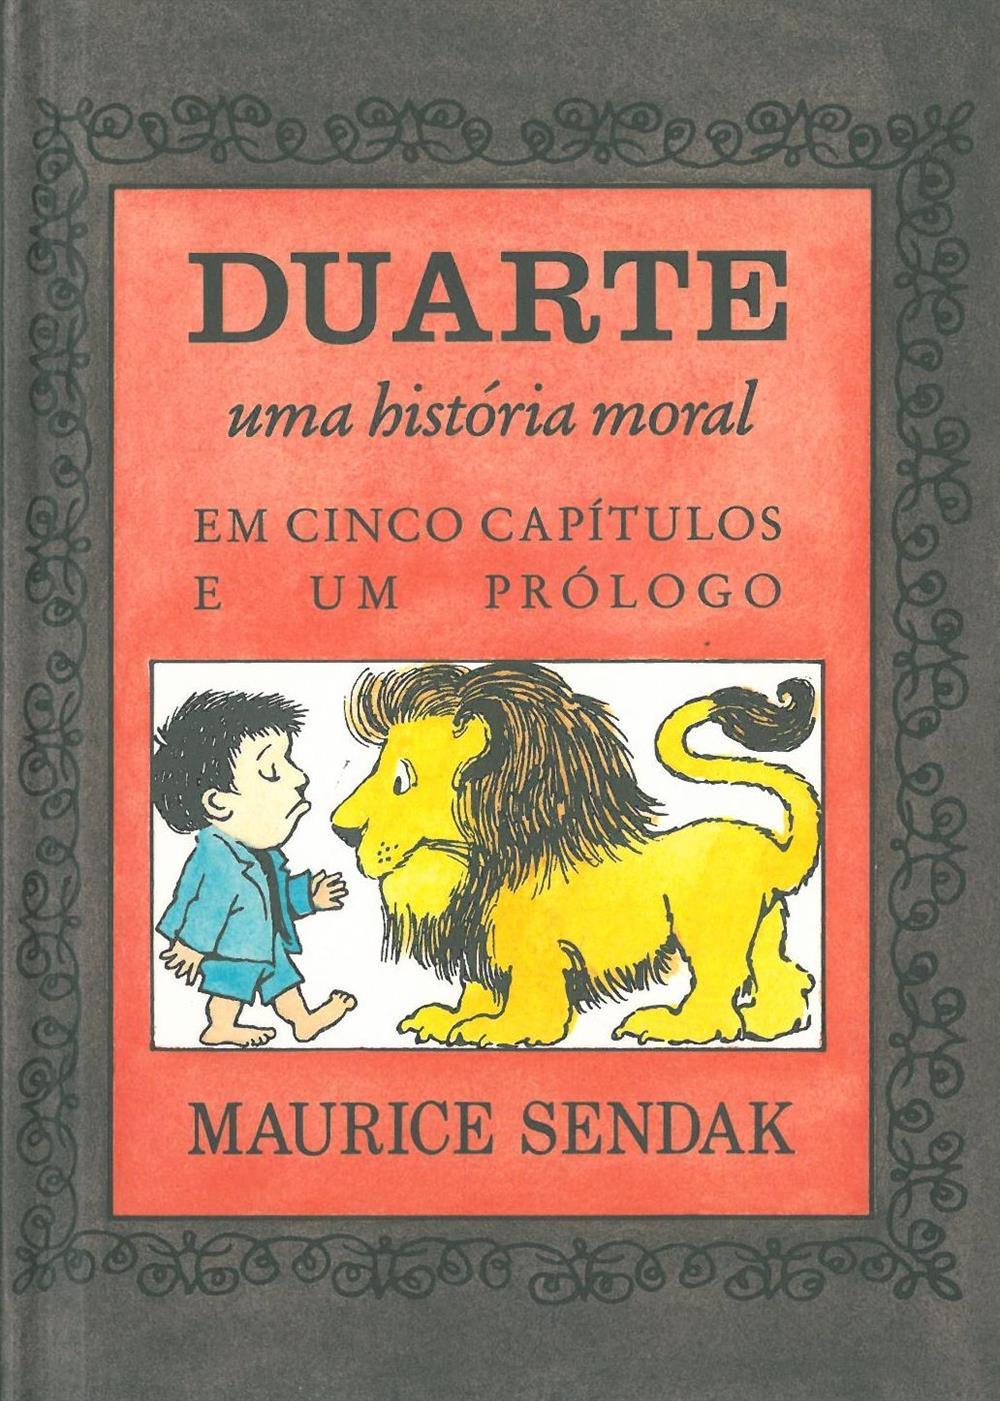 Duarte_uma história moral.jpg